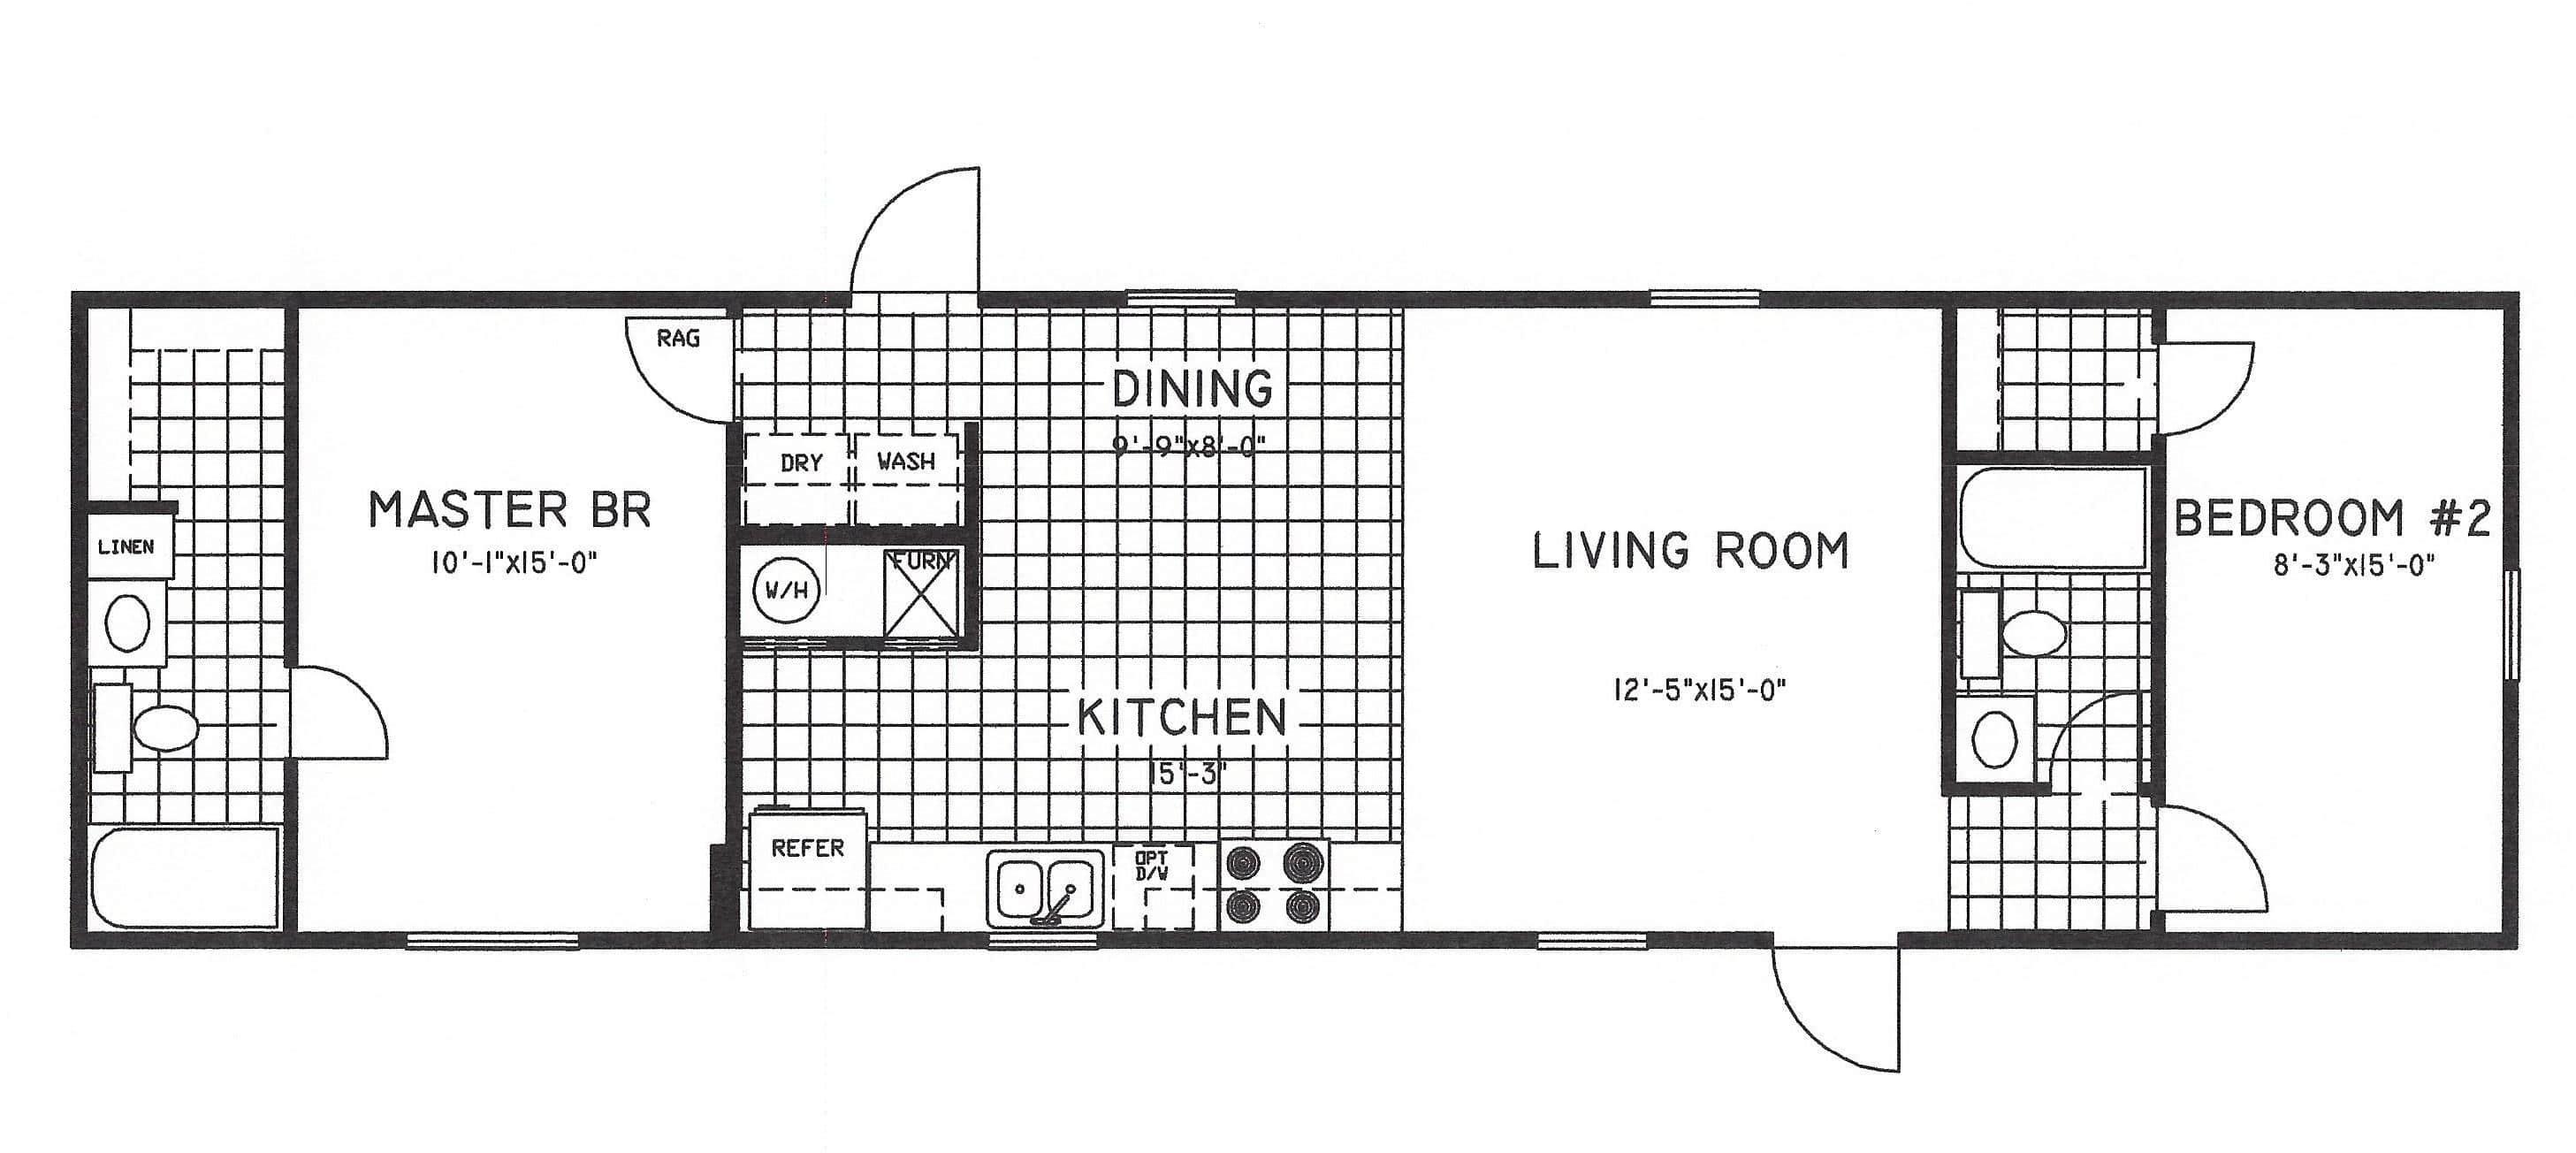 2 Bedroom Floor Plan C 8000 Hawks Homes Manufactured Modular Conway Little Rock Arkansas